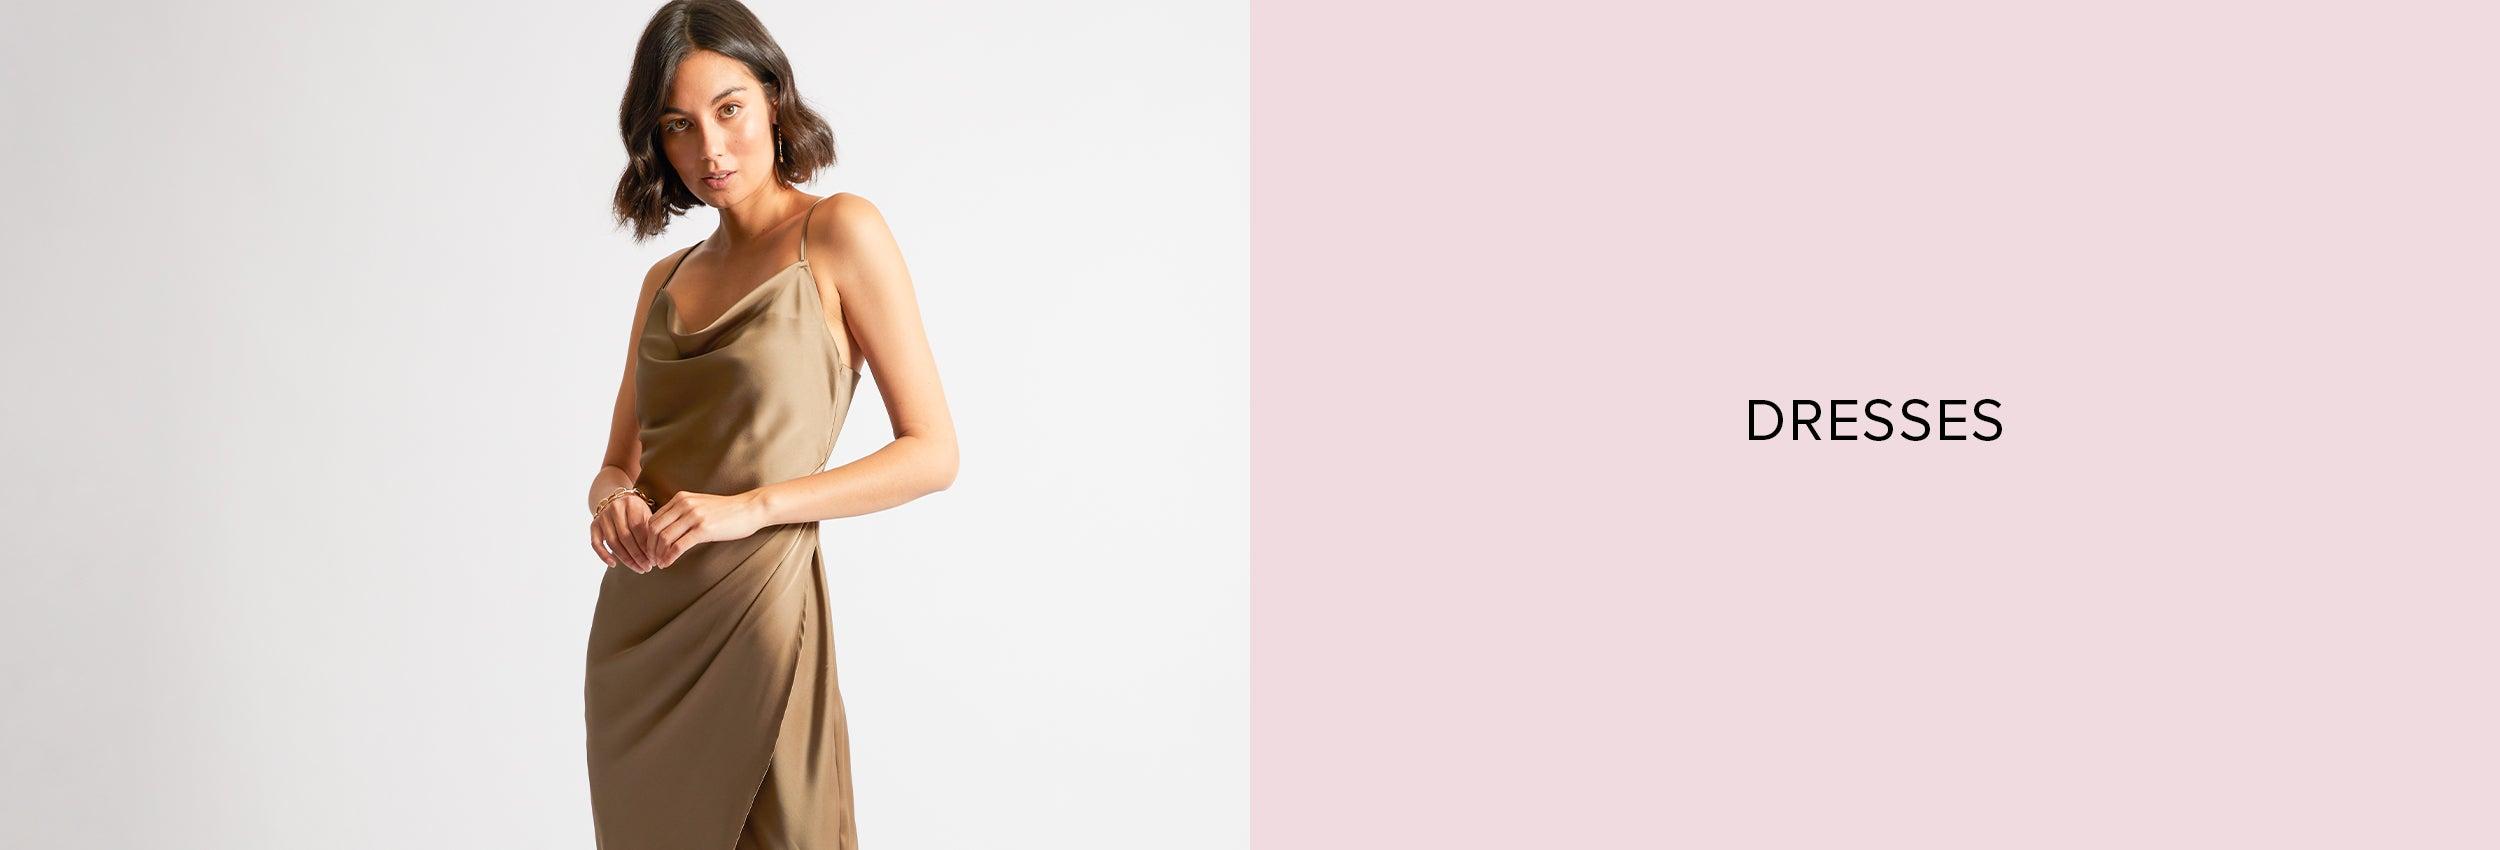 Skater / Fit & Flare Dresses